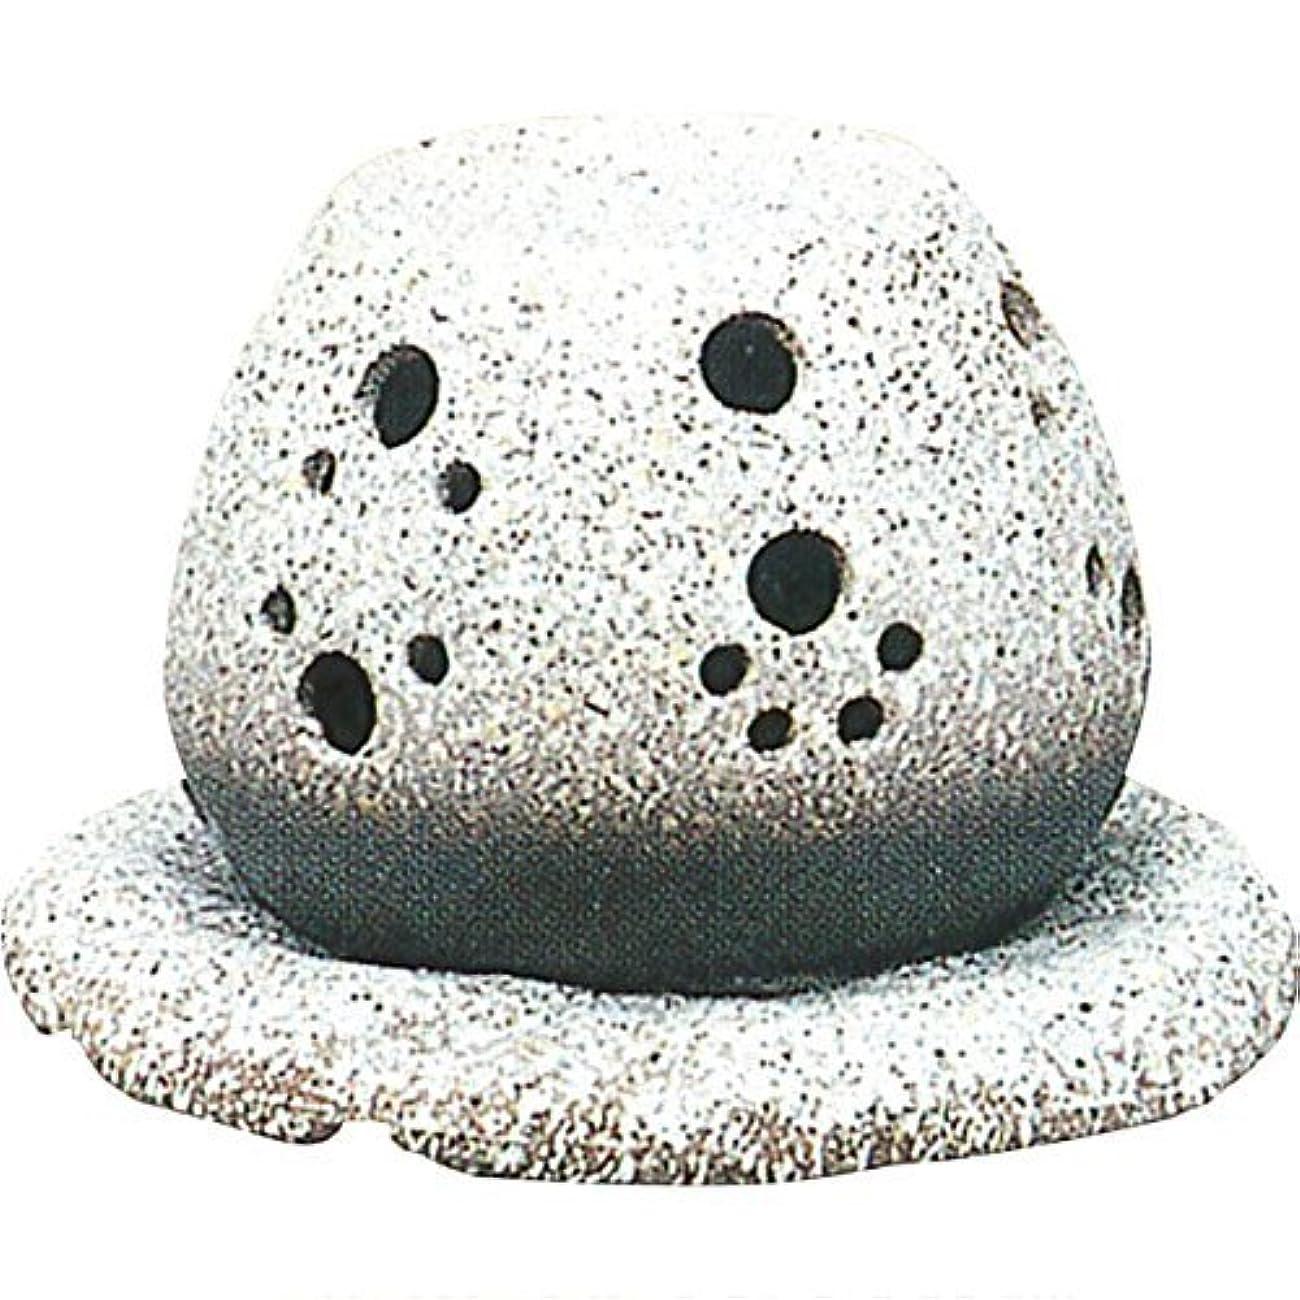 キャリア控えるインク常滑焼 ?40-05 茶香炉山房窯  白皿付    14.5×15.5×10